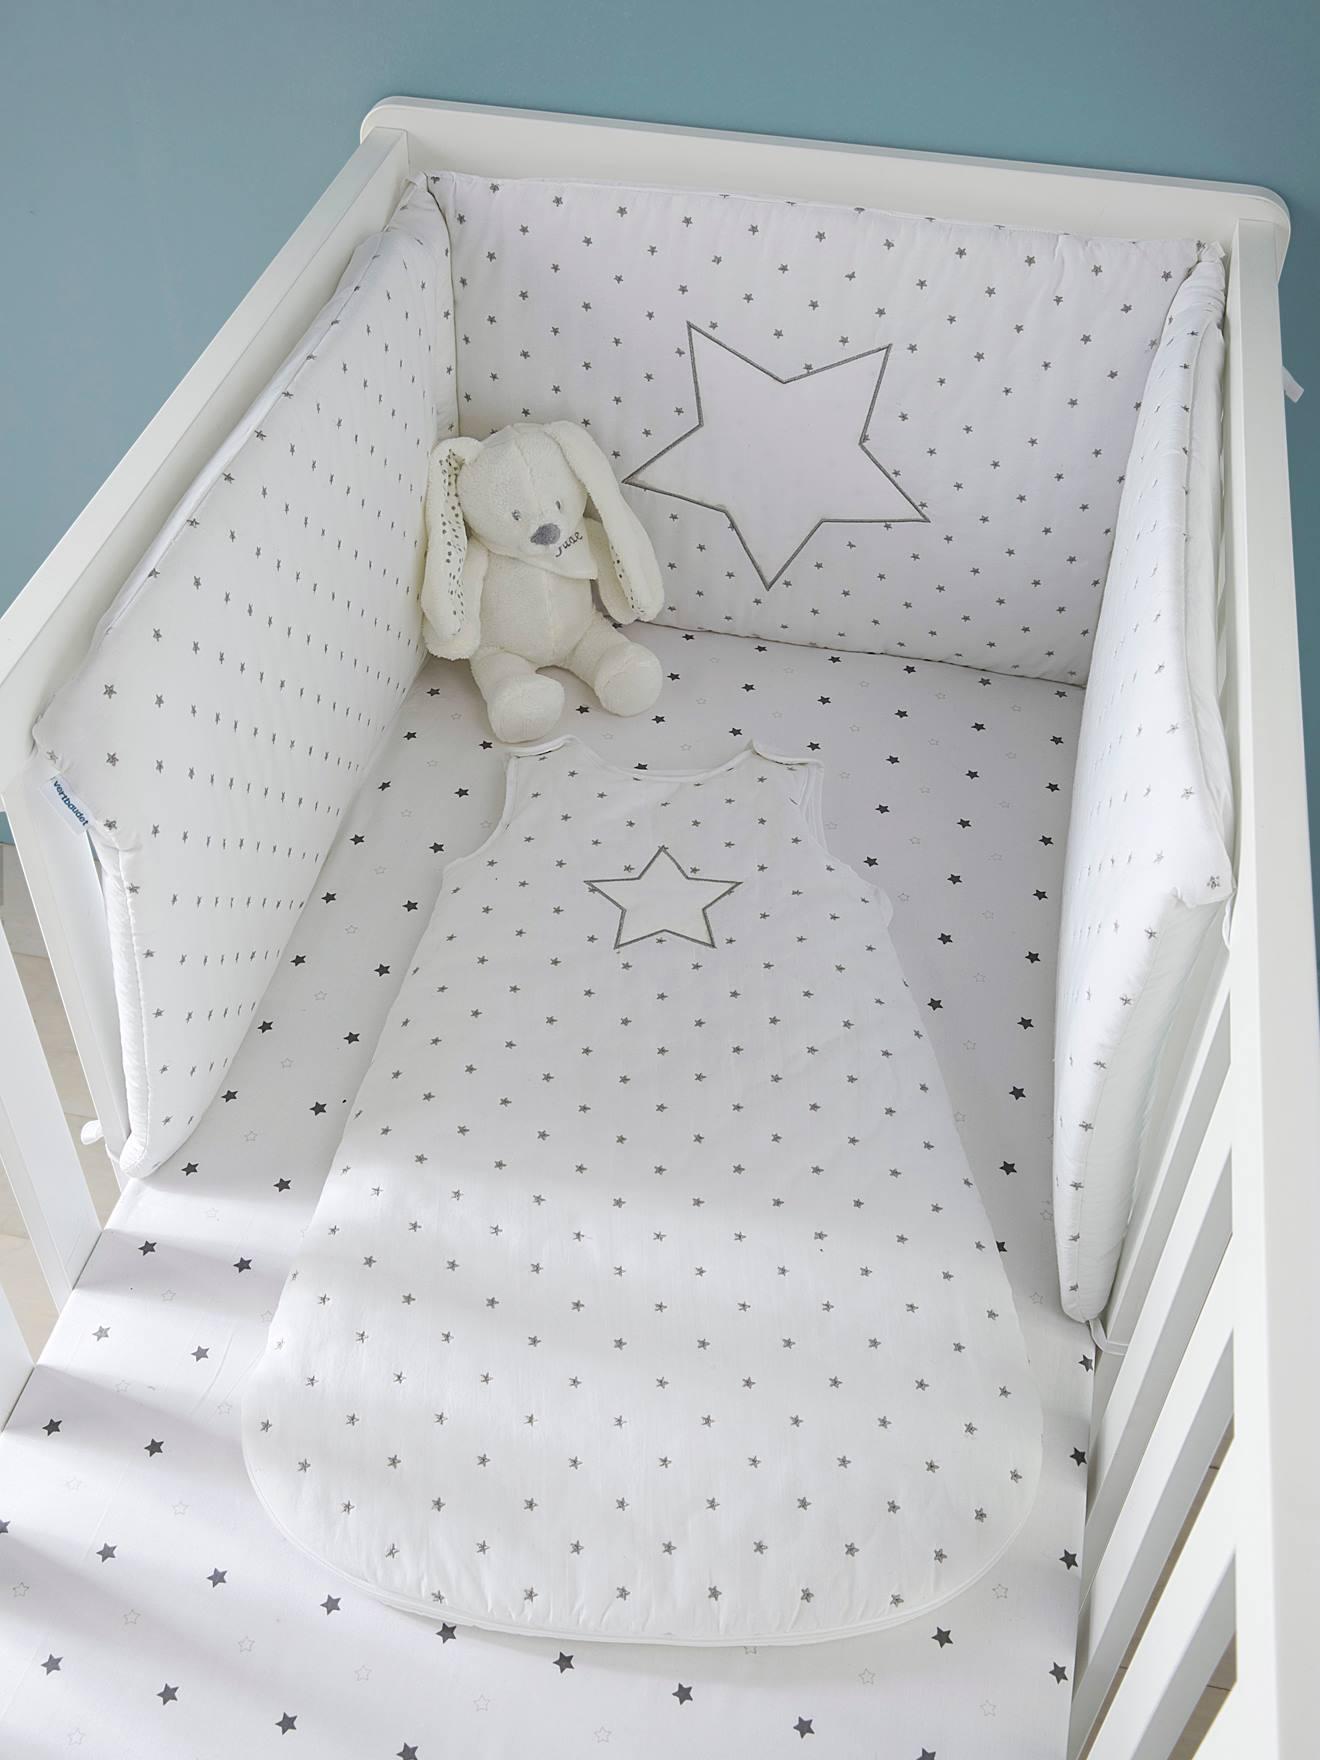 Tour de lit PLUIE D'ETOILES - blanc, Linge